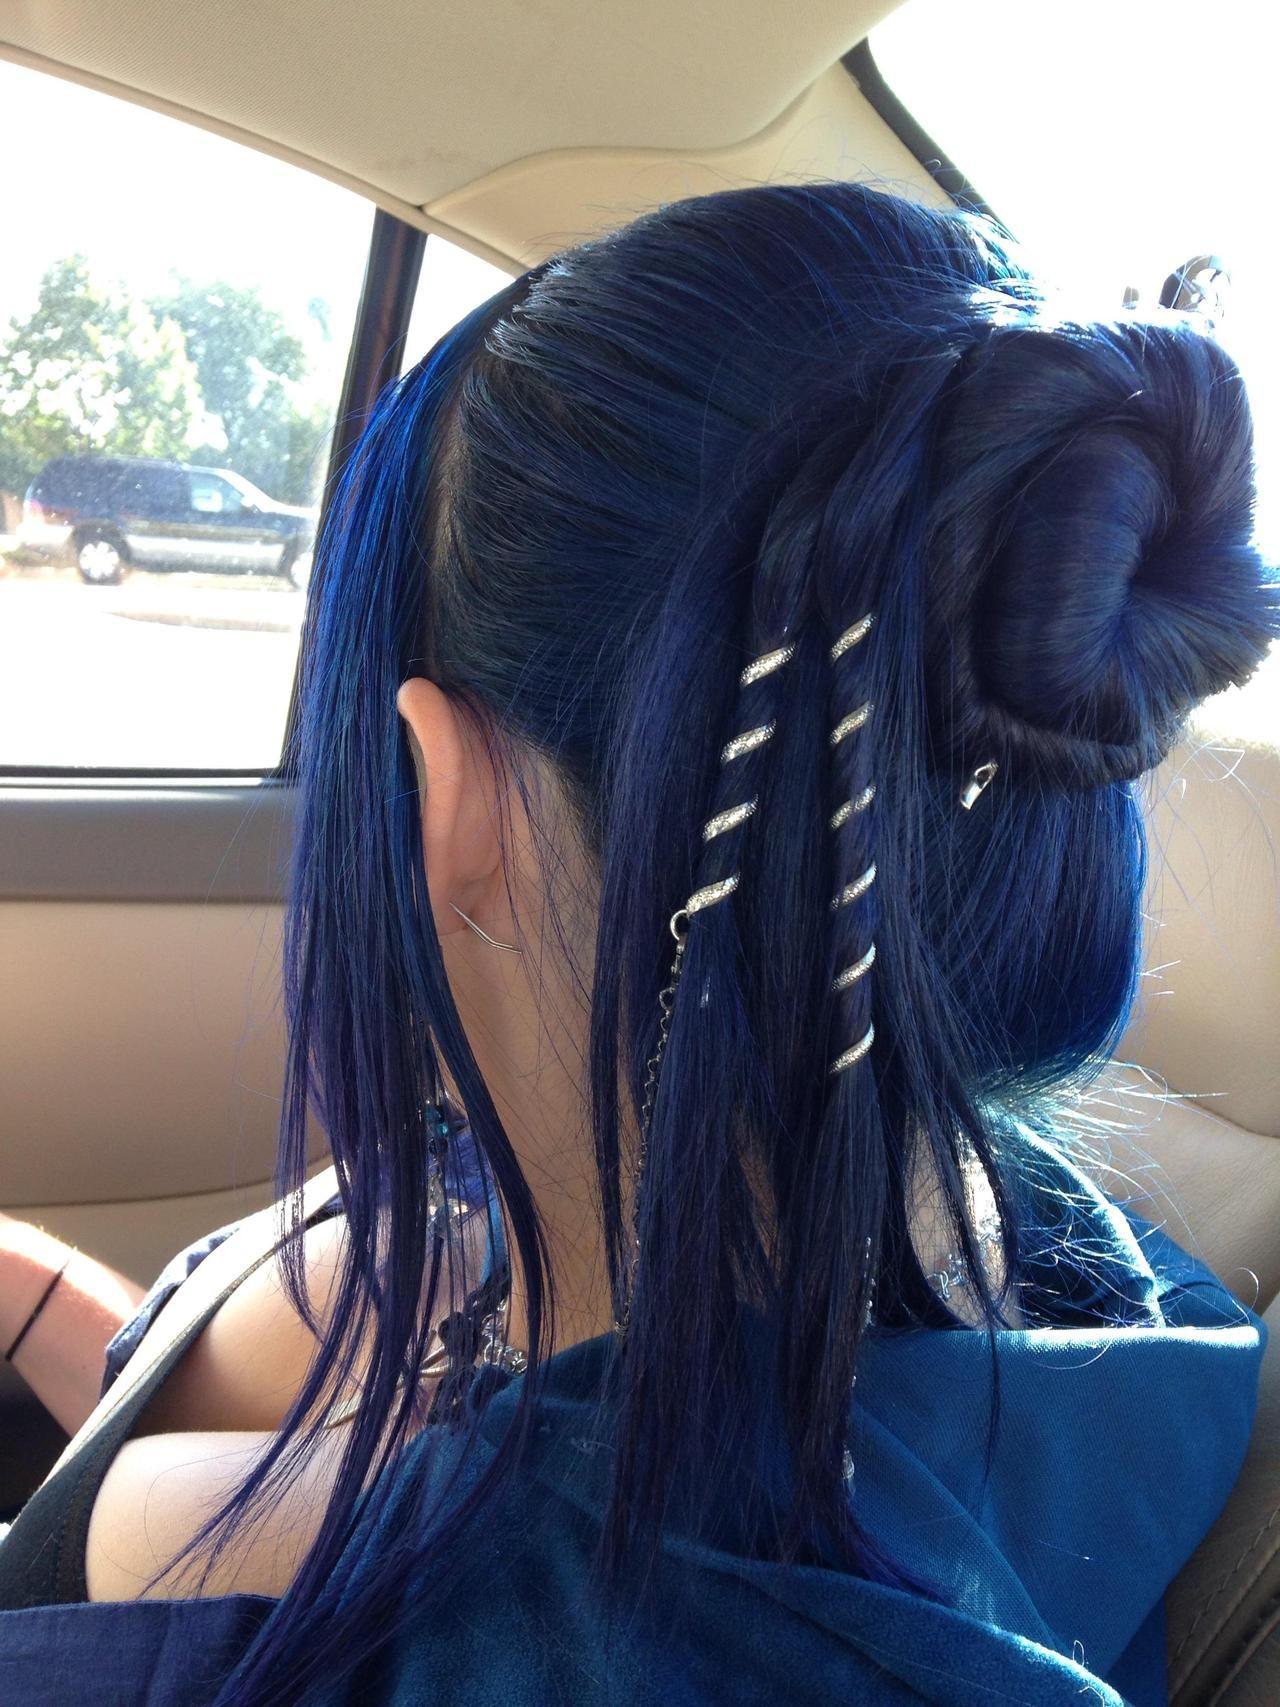 Pin By Honey Bees On Hair Ideas Blue Hair Dark Metallic Hair Hair Color Formulas